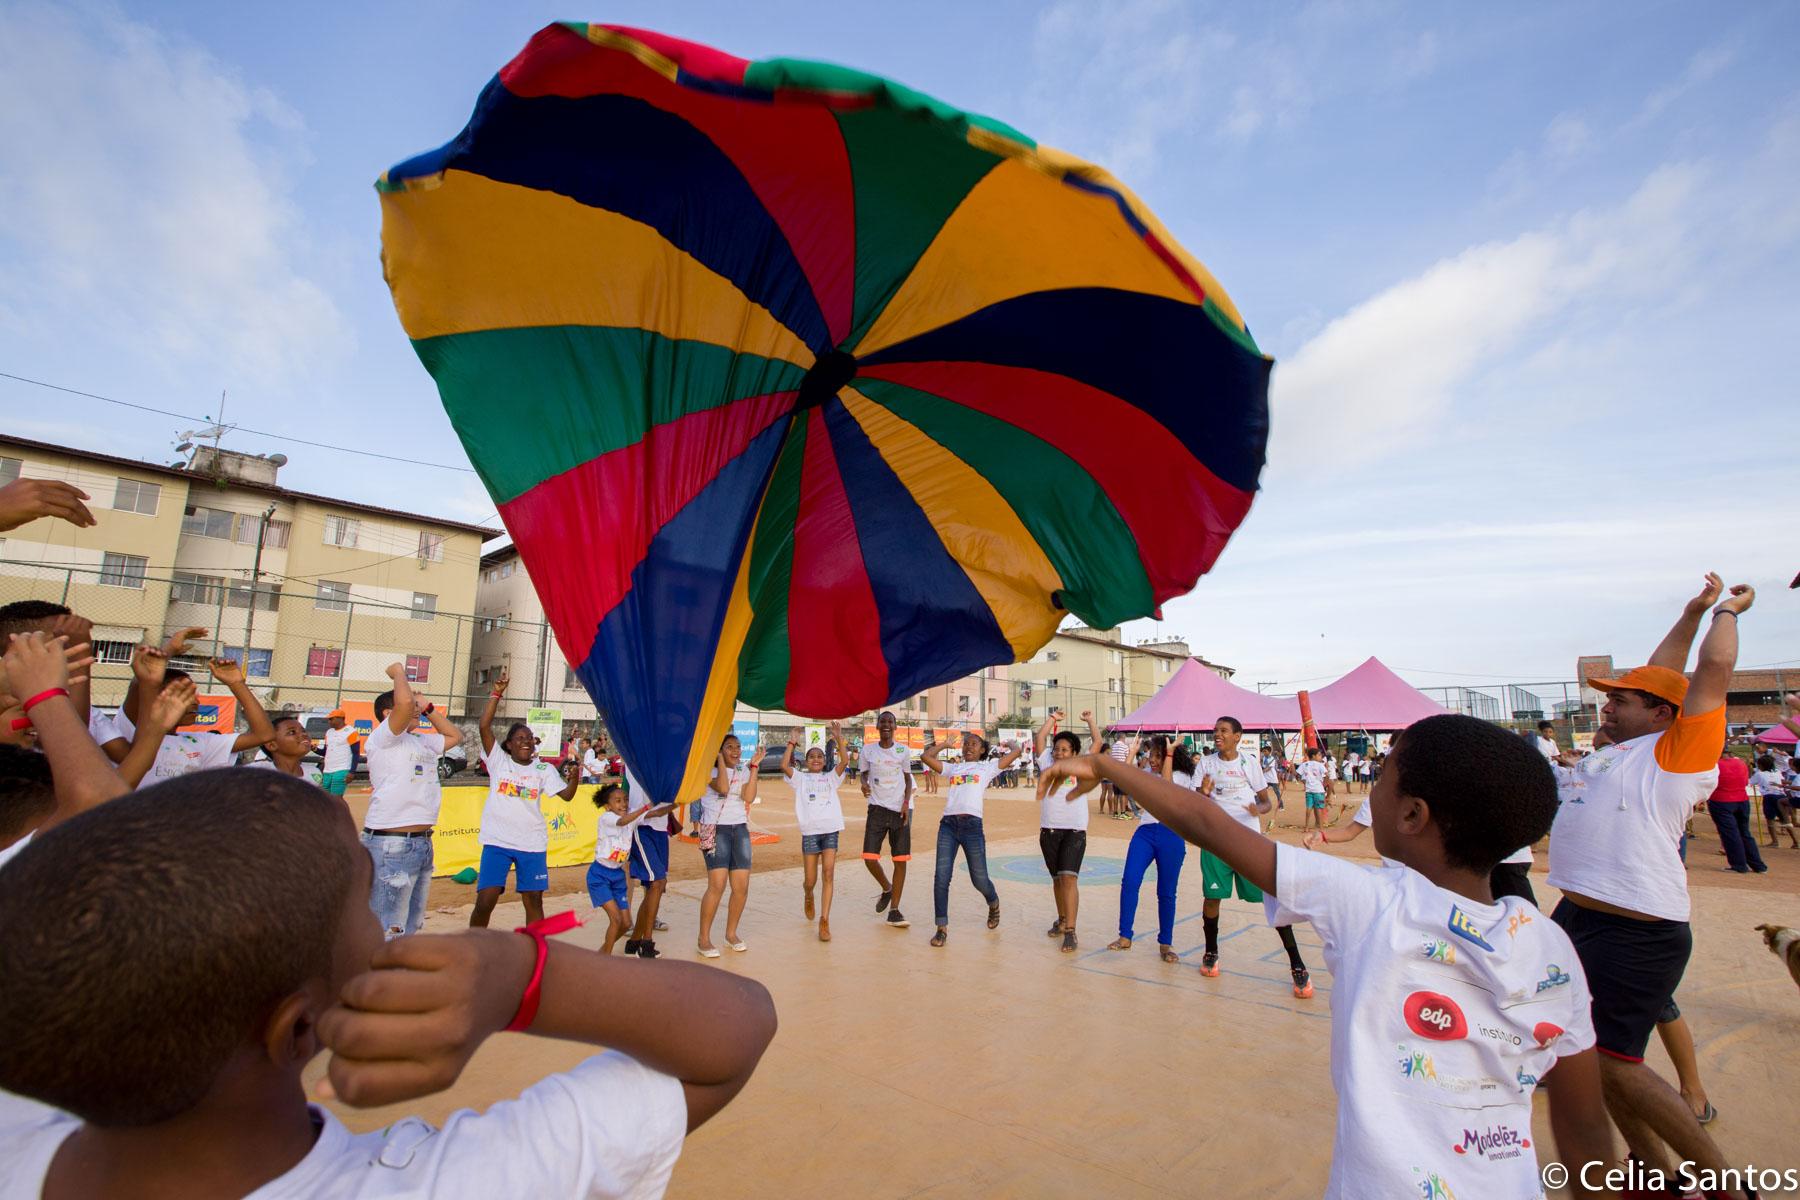 Caravana do Esporte e Caravana das Artes levam ações educacionais para 3 mil alunos da rede pública em Baixo Guandu, no Espírito Santo